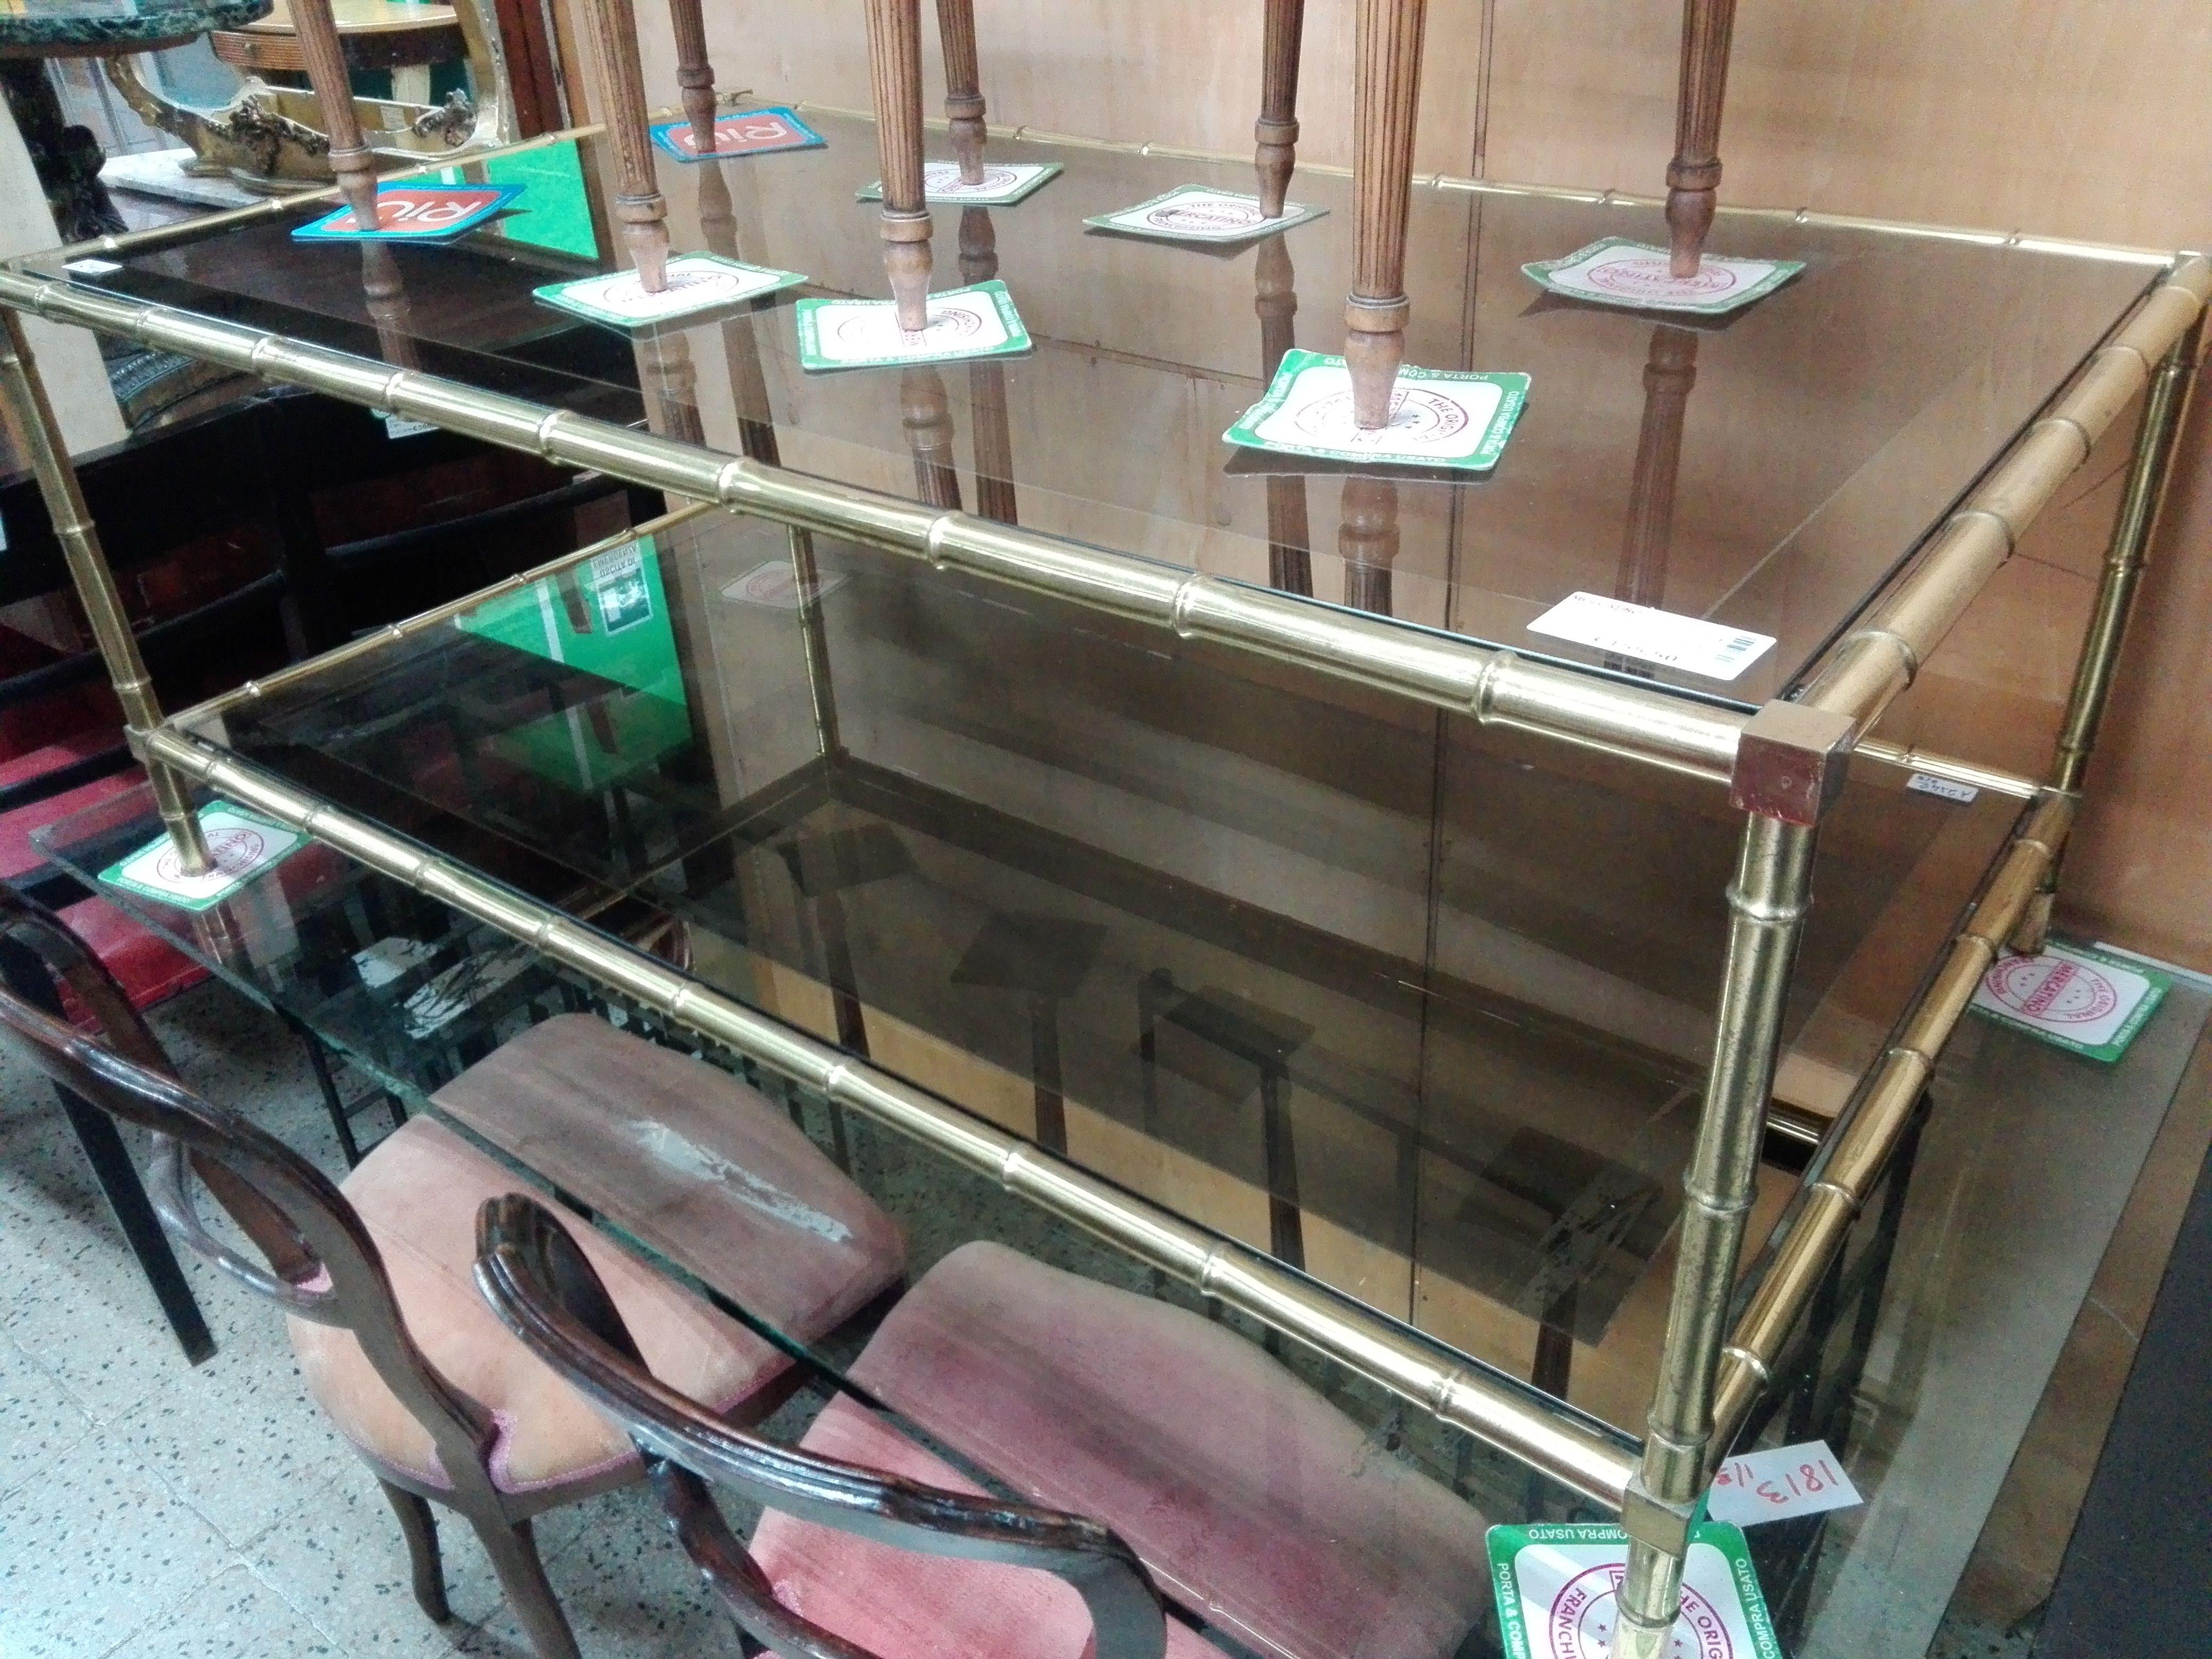 Tavolo In Vetro Usato.Tavolo Da Salotto Dorato Con 2 Ripiani In Vetro Fum A Specchio